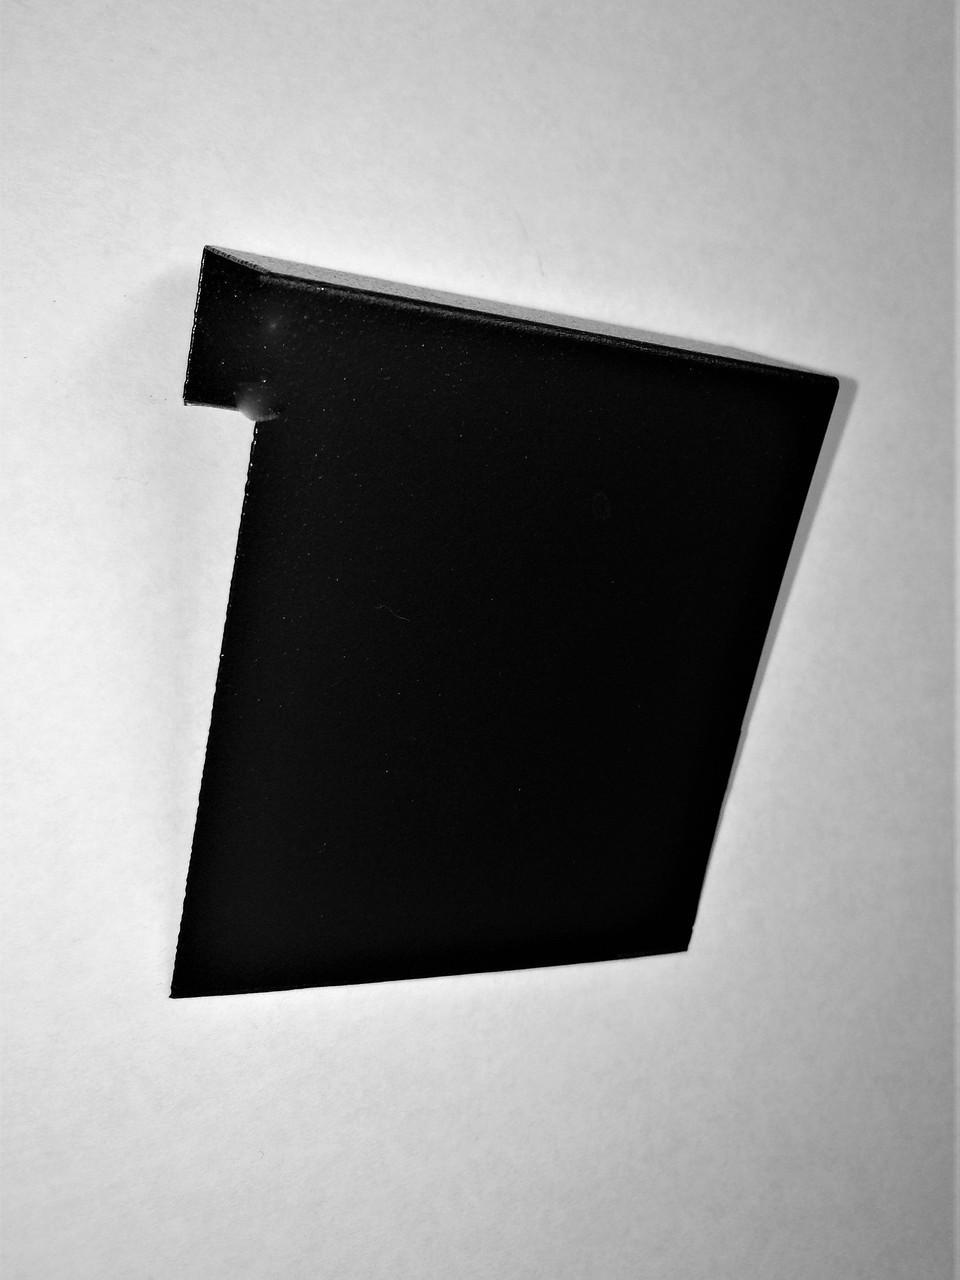 Меловой ценник 6х8 см П-образный на полку. Комплект 100 шт. Грифельная табличка на стеллаж.